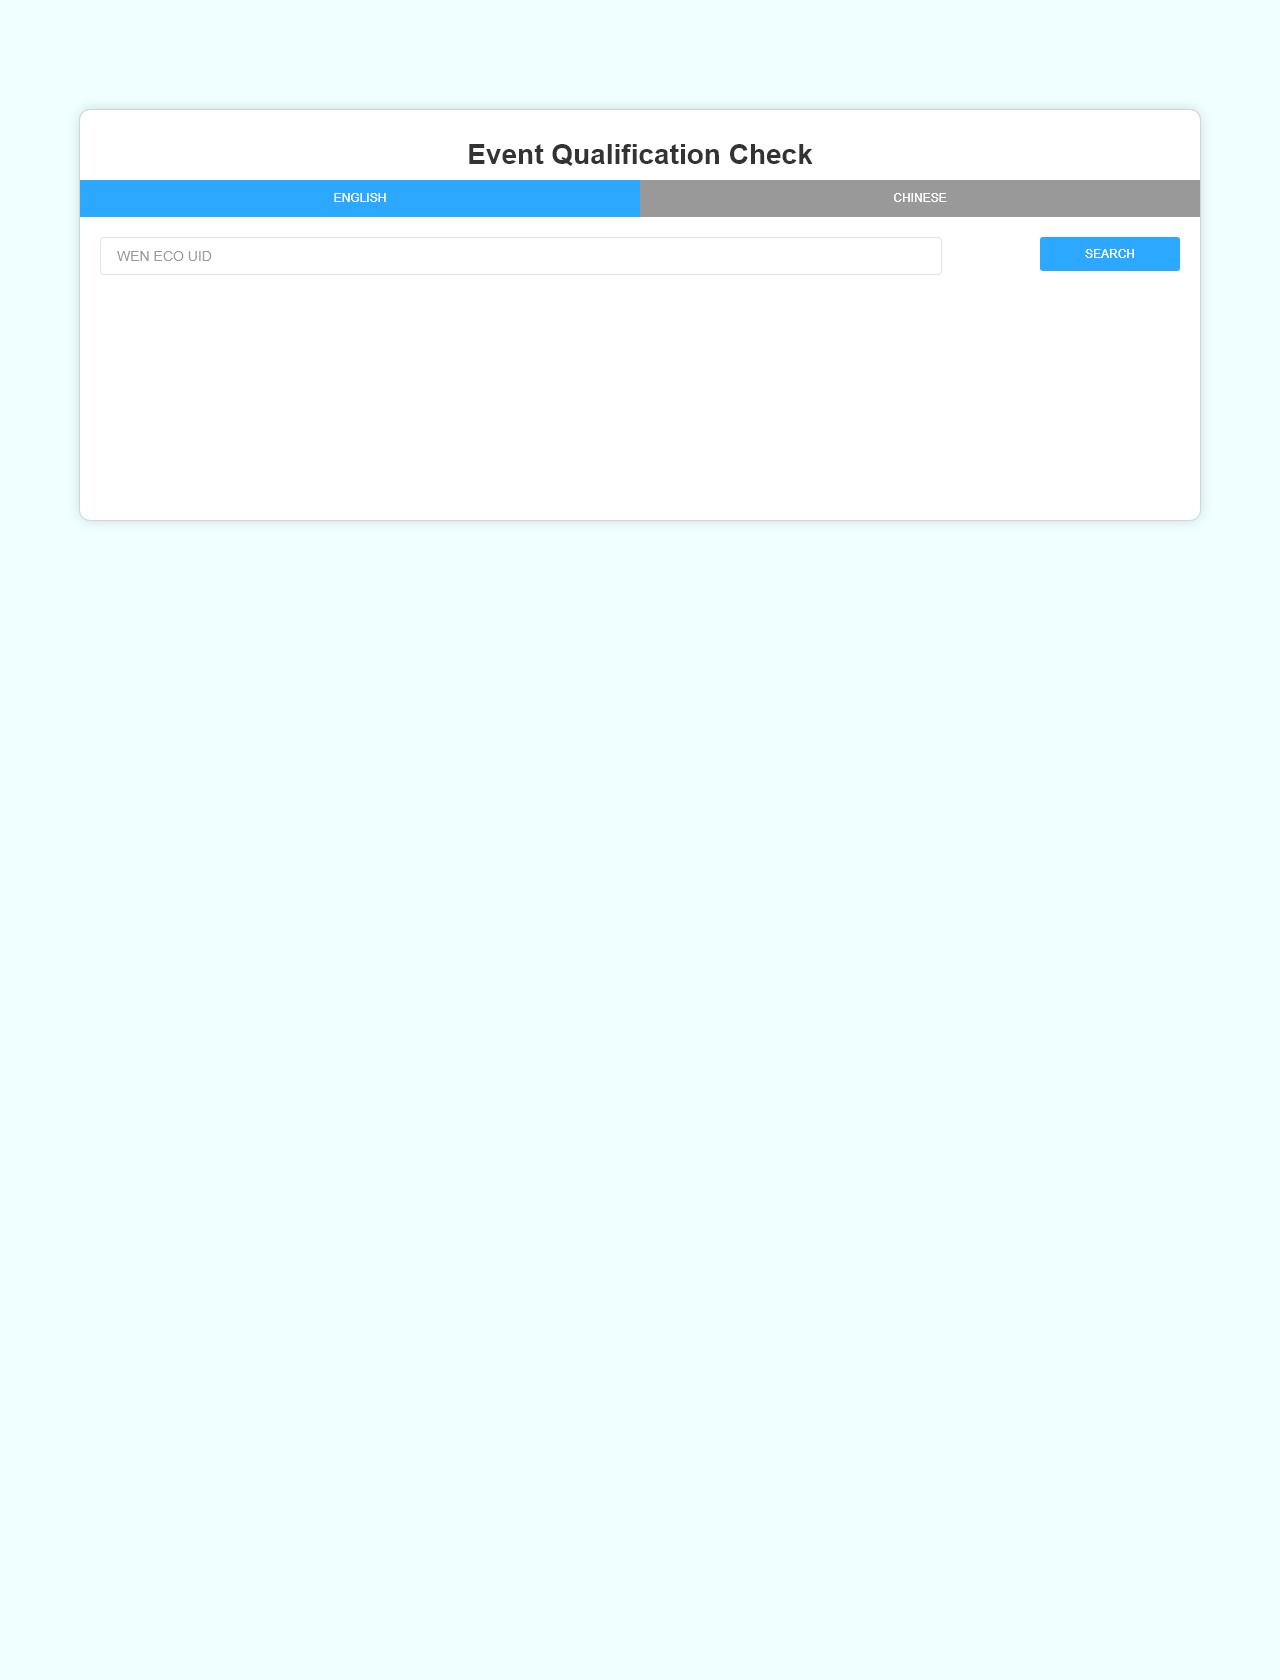 Screenshot Desktop - https://evtlist.com/